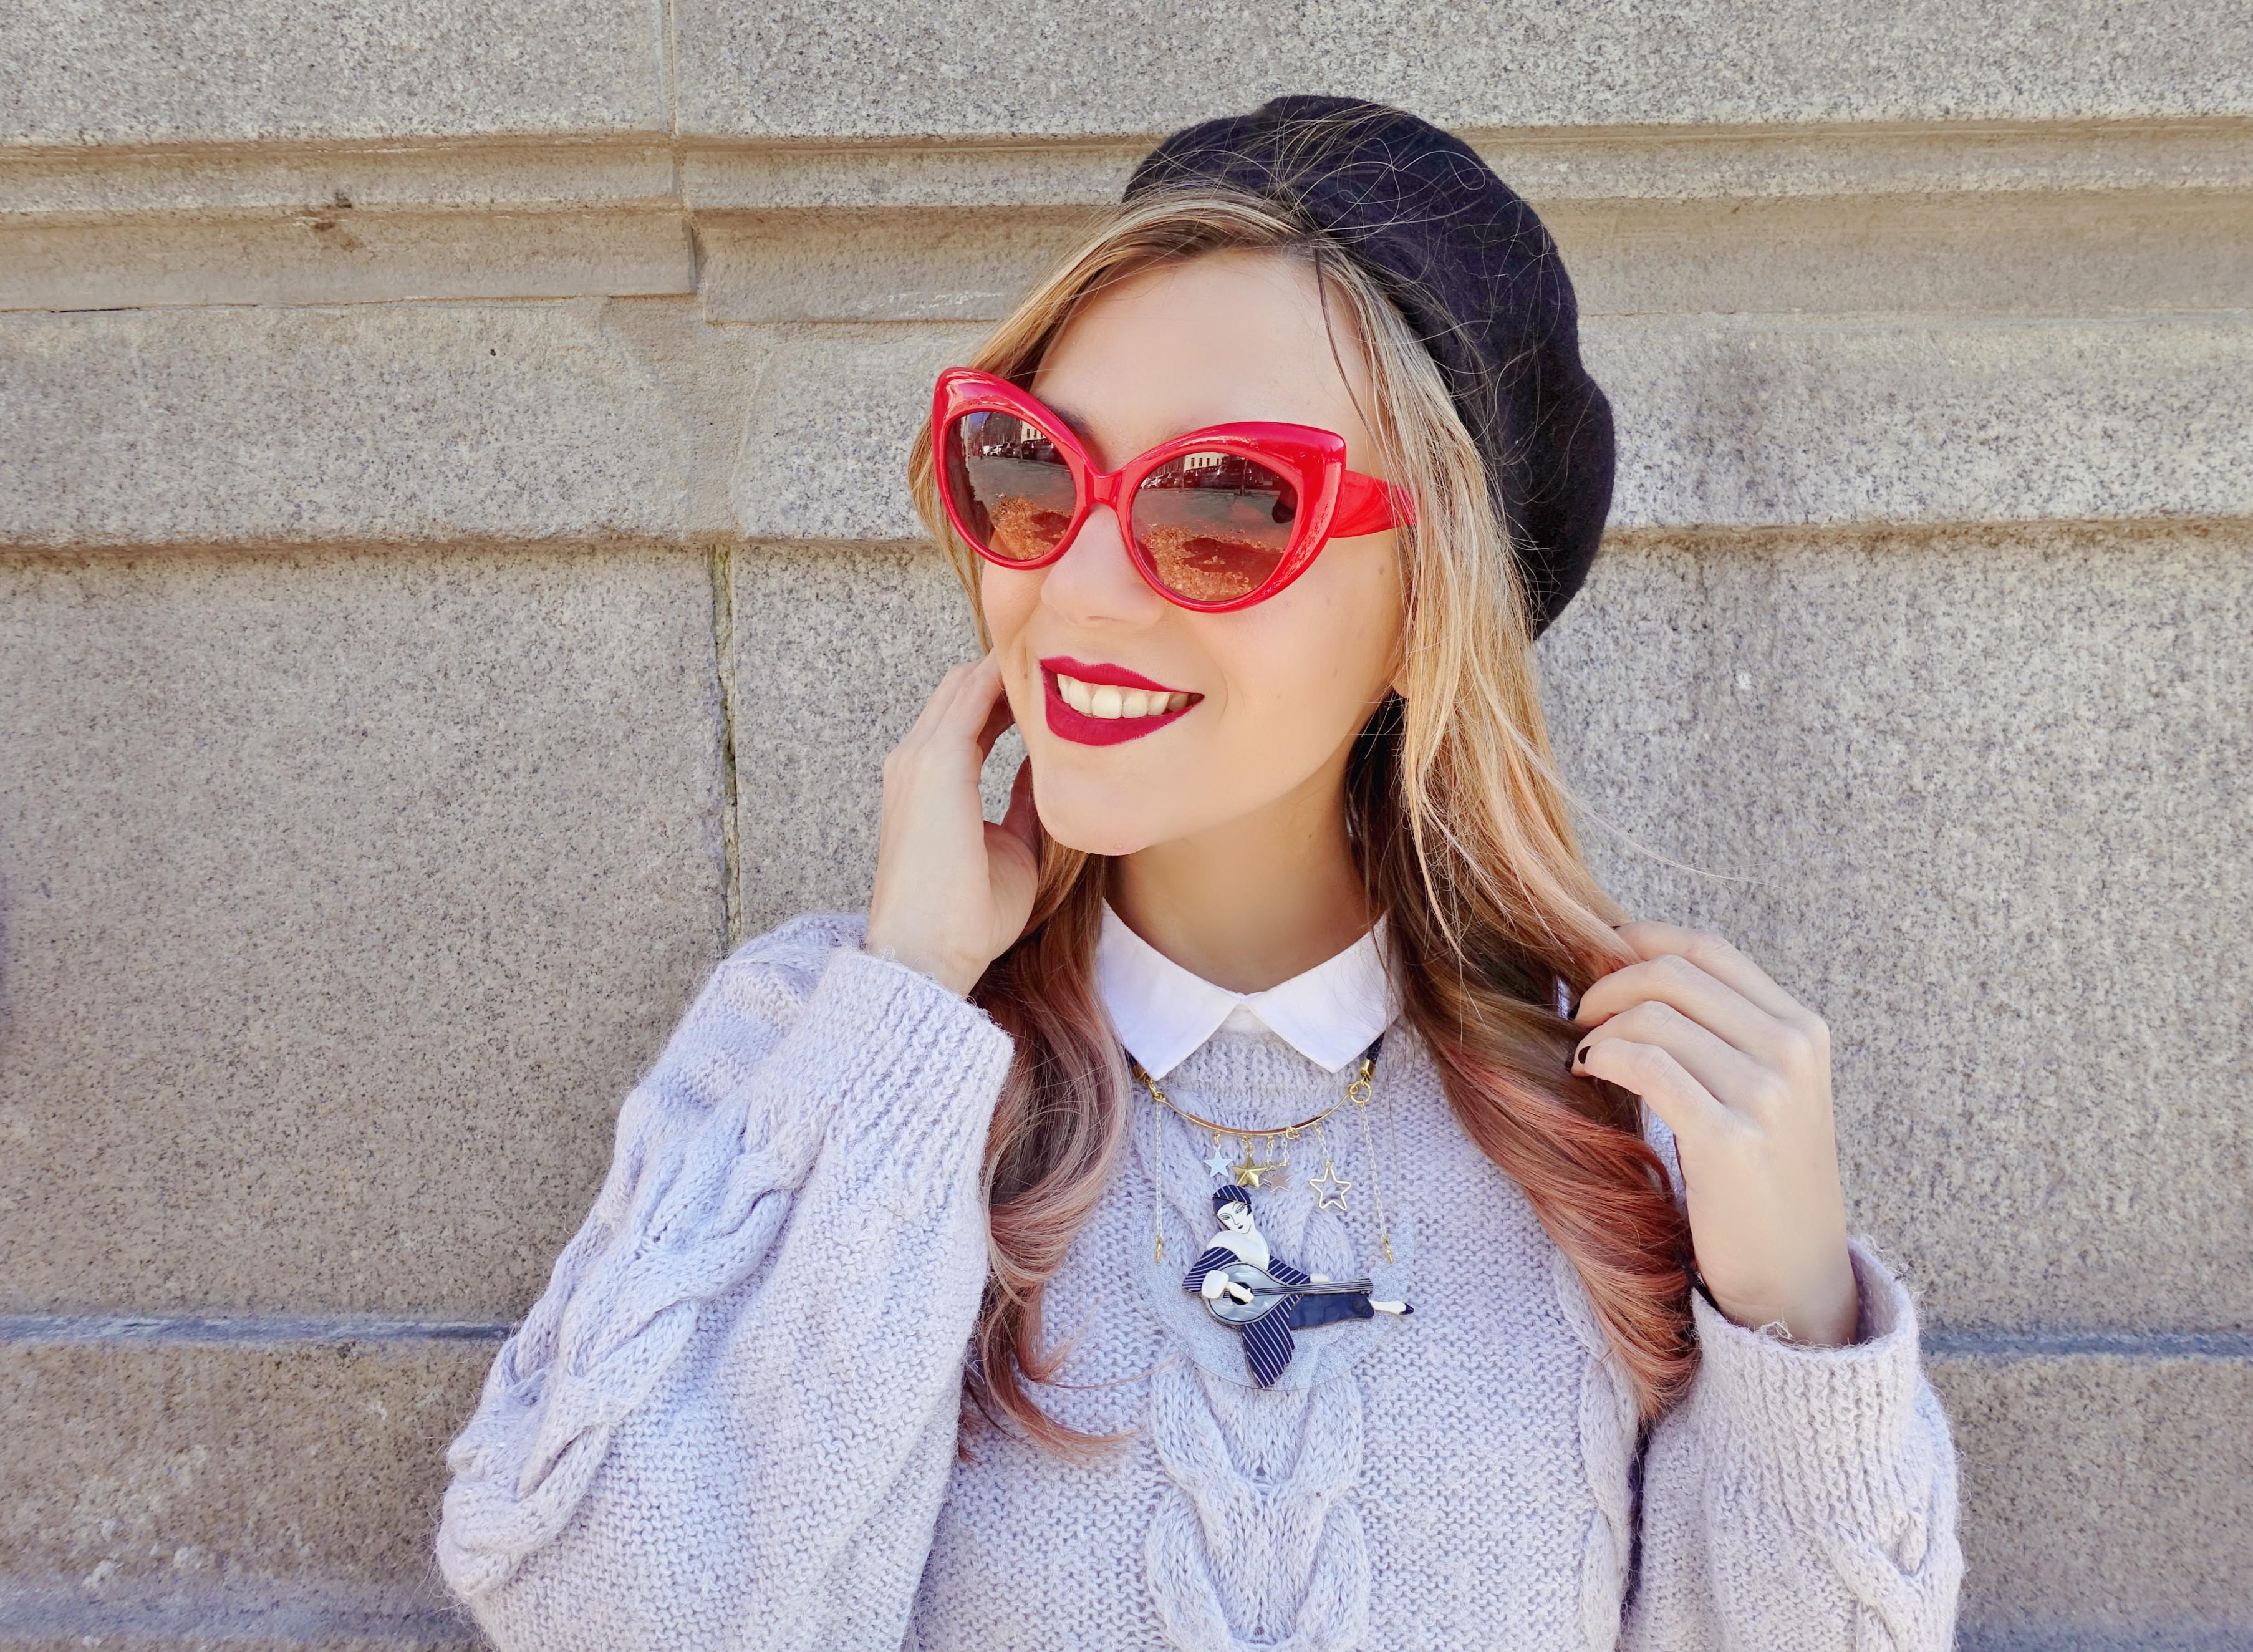 ChicAdicta-pretty-blogger-blog-de-moda-influencer-Madrid-Chic-Adicta-laliblue-accesorios-gafas-retro-PiensaenChic-Piensa-en-Chic